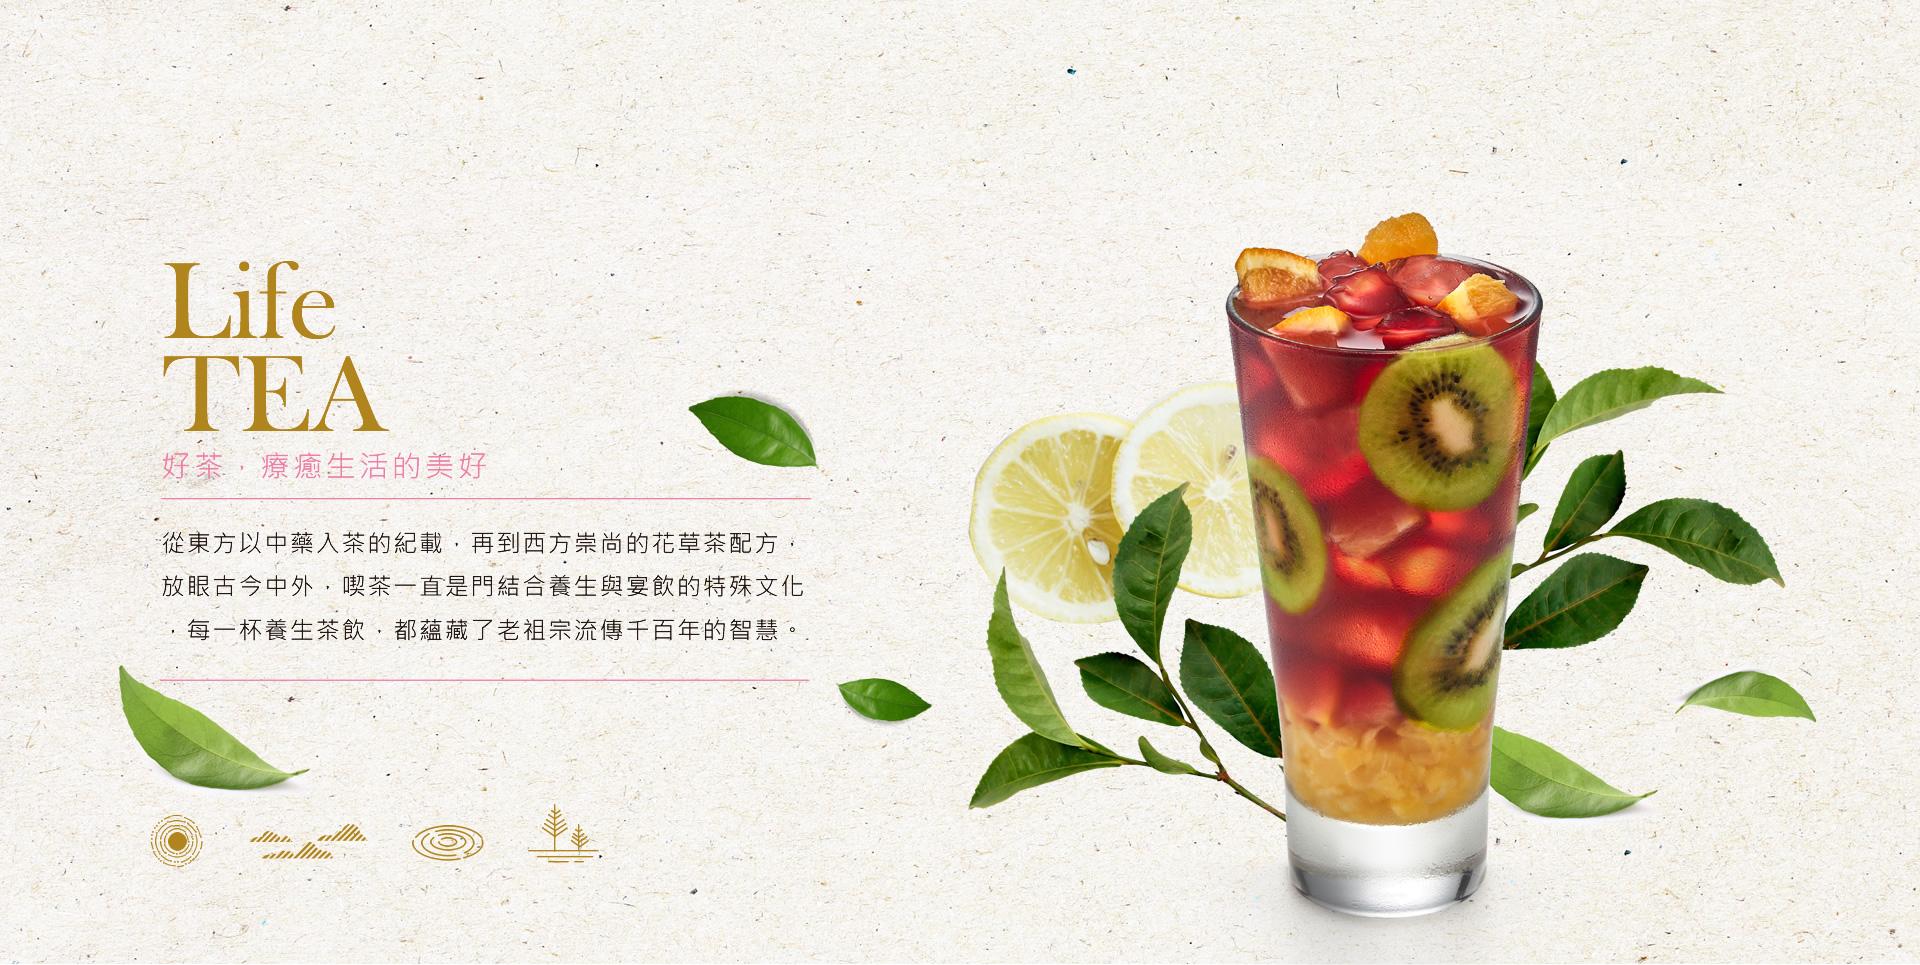 草本茶集,Herb Tea